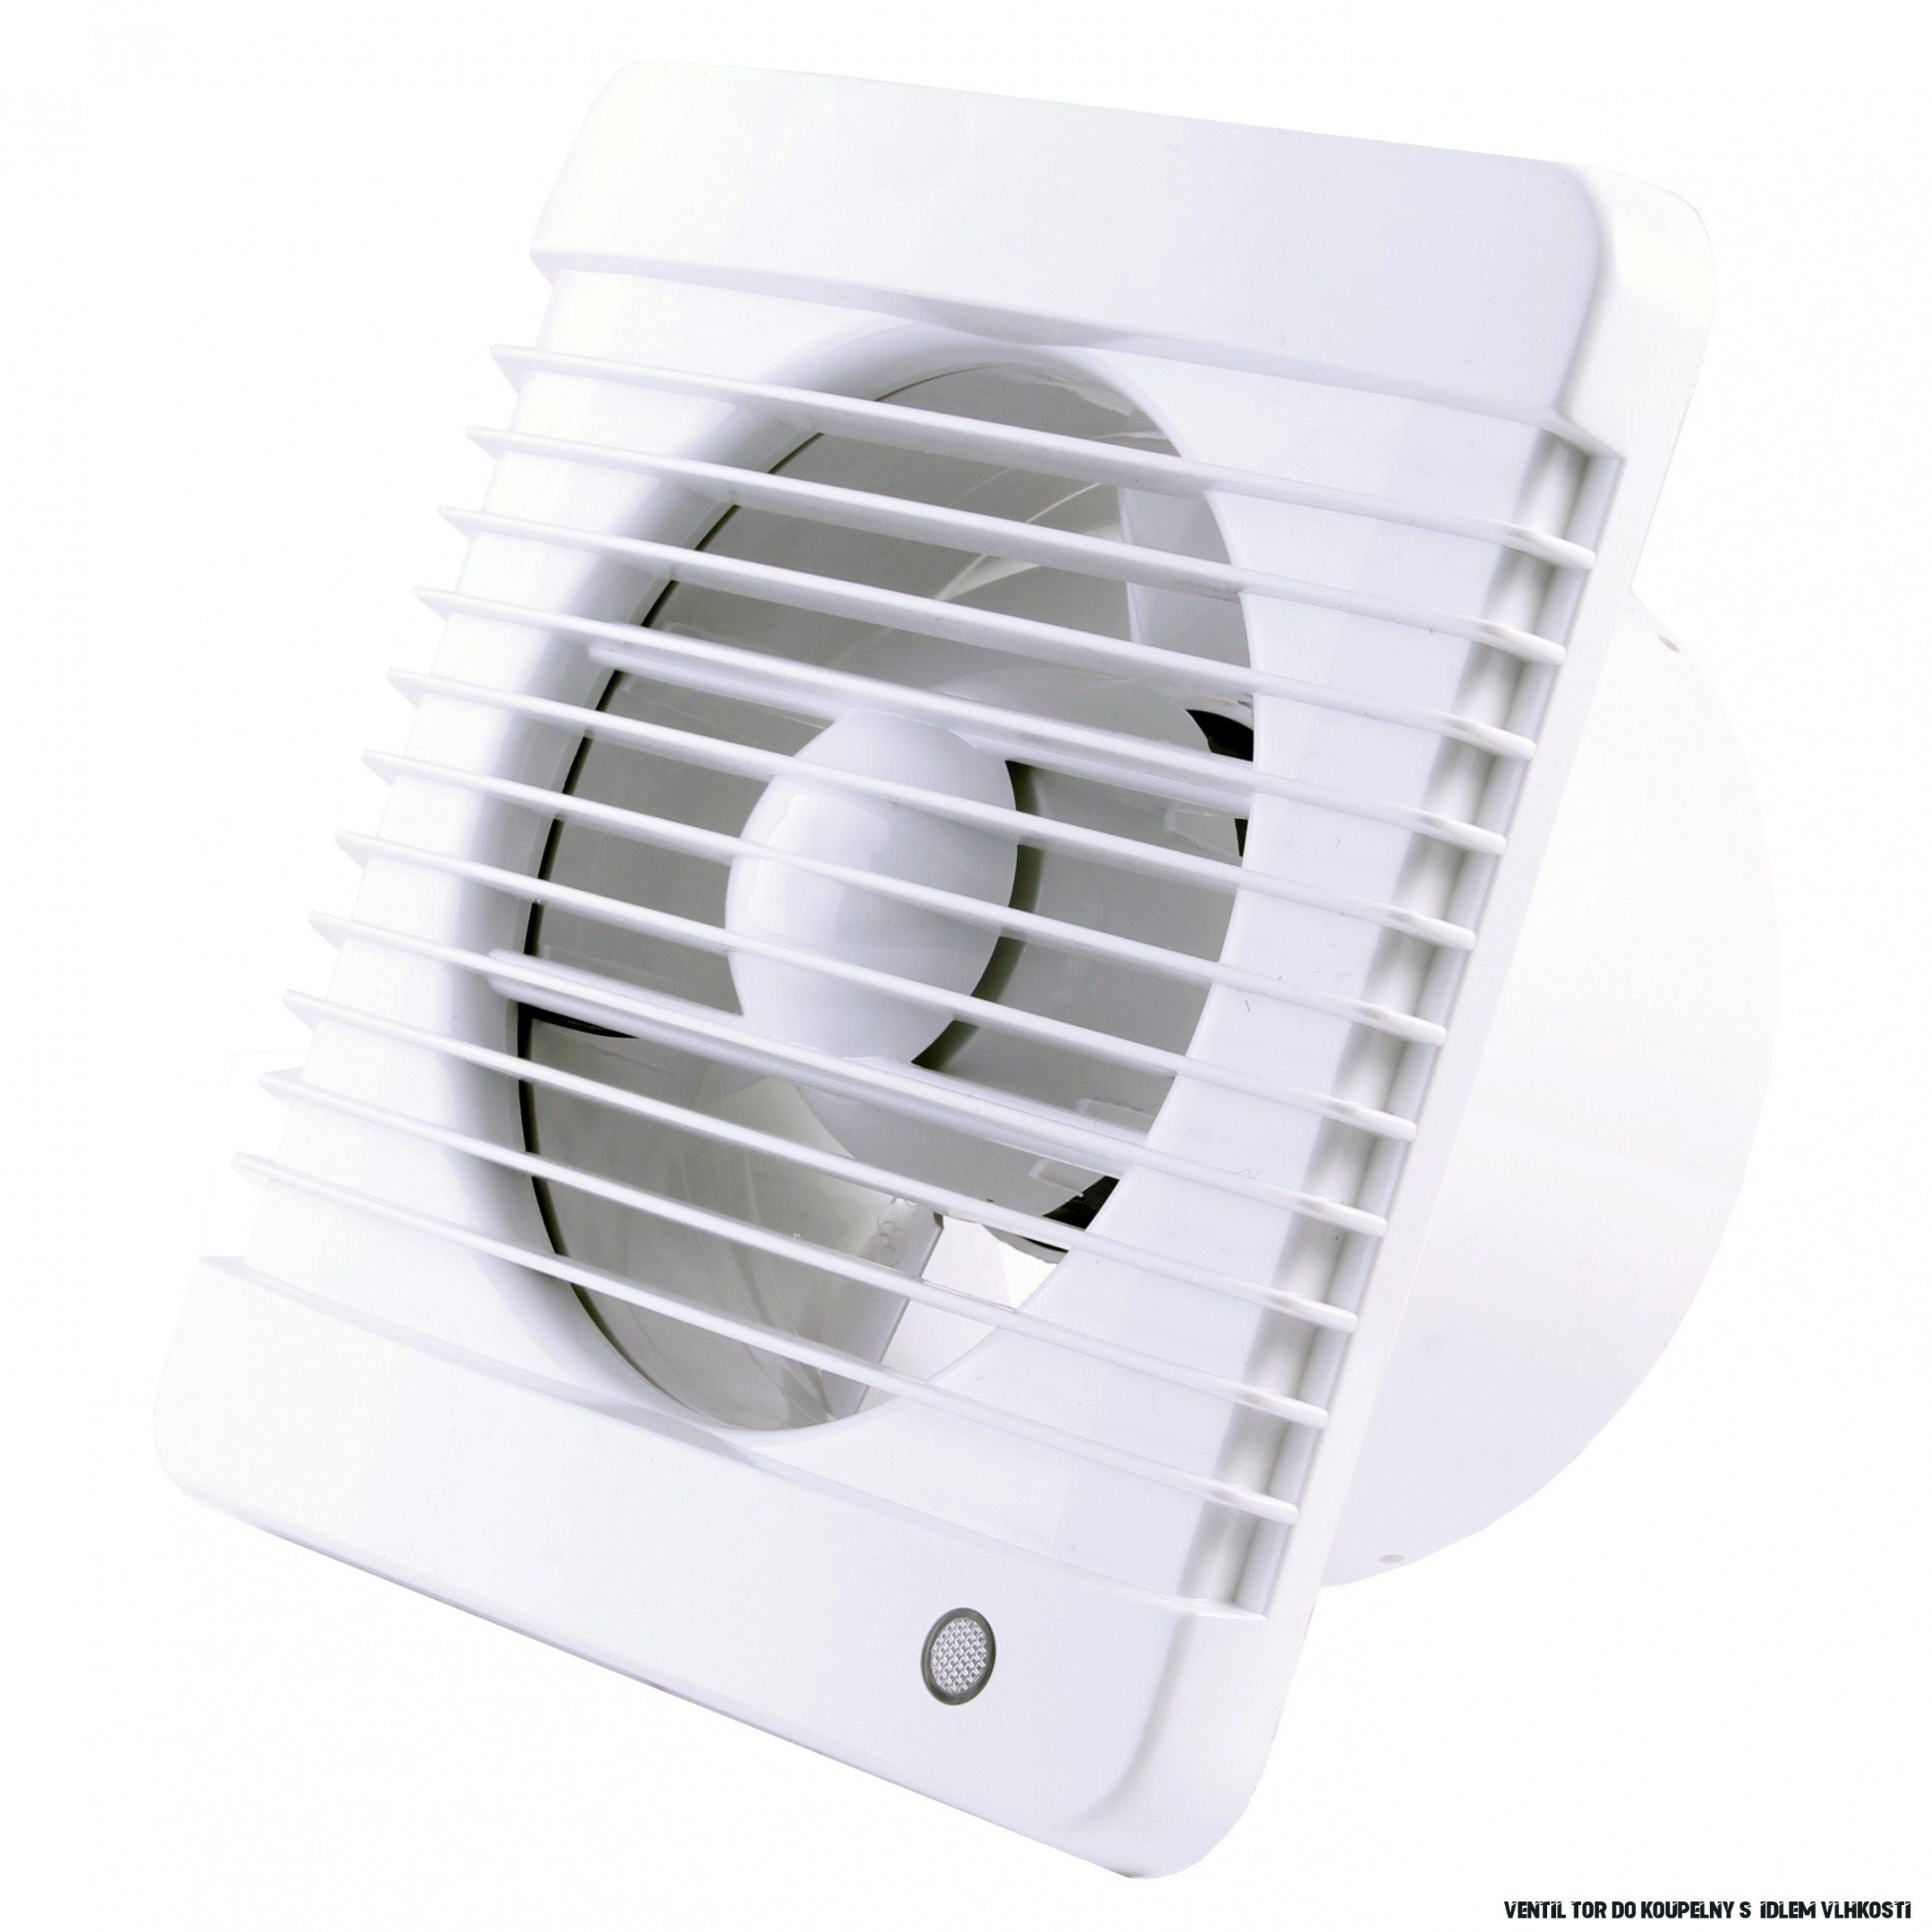 Ventilátor do koupelny s časovačem a čidlem vlhkosti Ø 18 mm, vyšší tlak  vzduchu